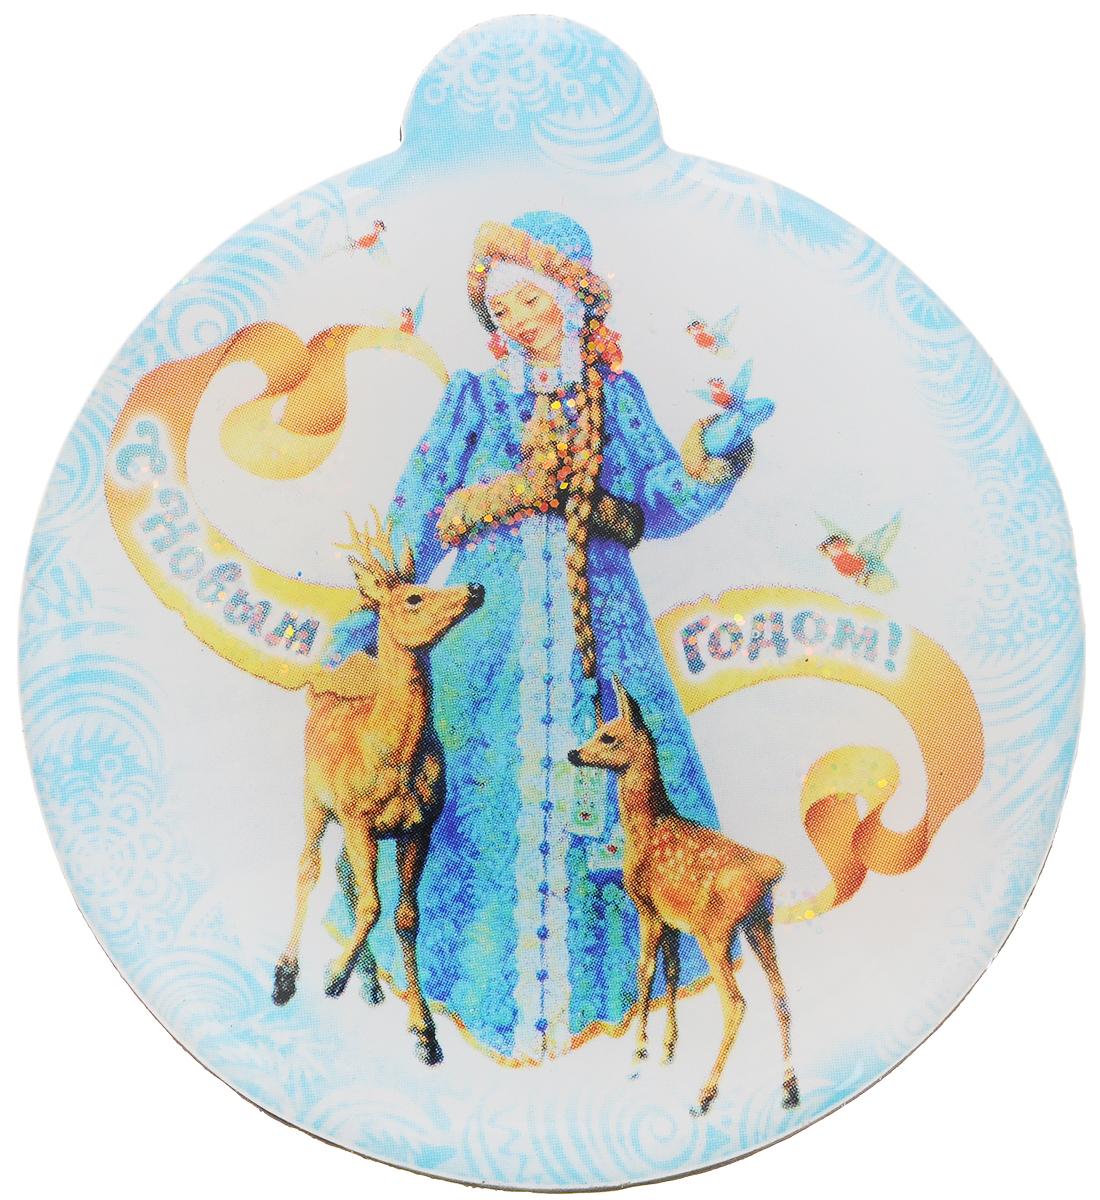 Магнит Magic Time Снегурочка и оленята, 5,5 x 6 см42297Магнит Magic Time Снегурочка и оленятапрекрасно подойдет в качестве сувенира к Новому году. Магнит - одно из самых простых, недорогих и при этом оригинальных украшений интерьера. Он поможет вам украсить не только холодильник, но и любую другую магнитную поверхность.Размер: 5,5 х 6 см.Материал: агломерированный феррит.